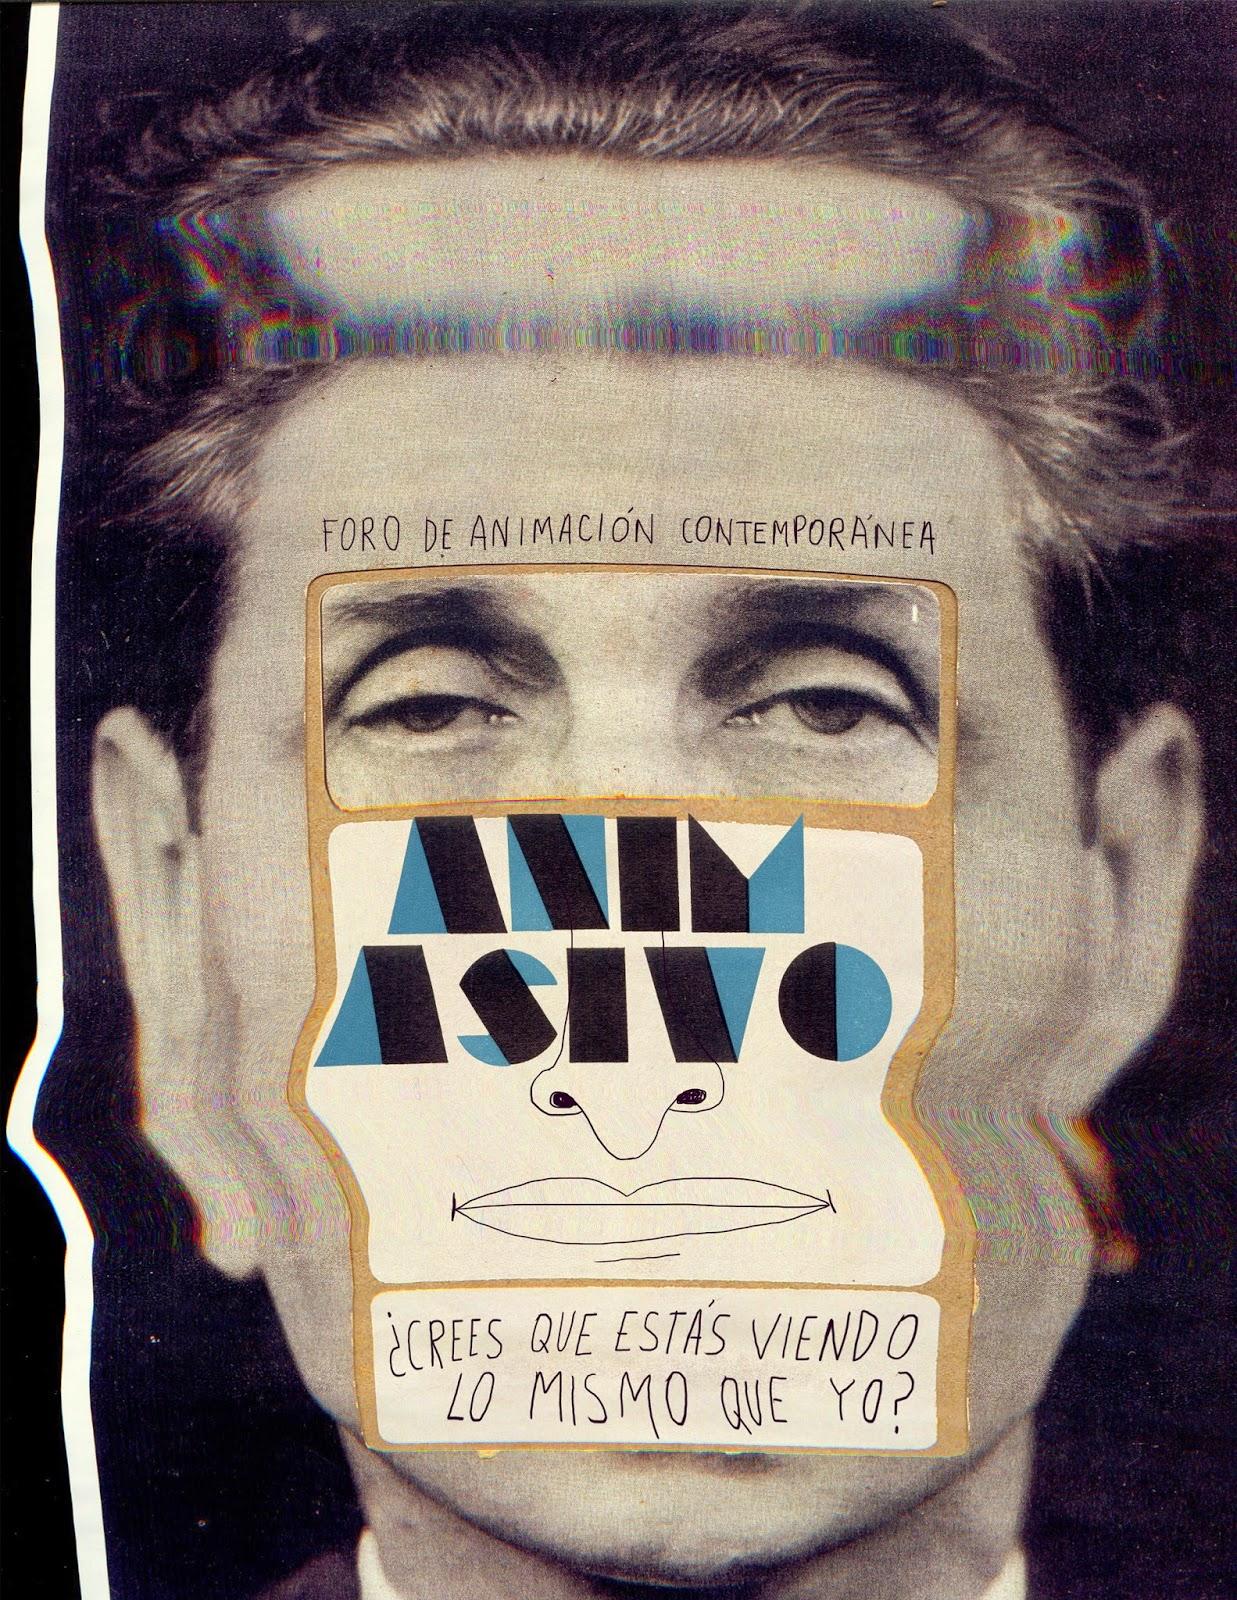 Foro de Animación Contemporánea de la Ciudad de México ANIMASIVO 2014